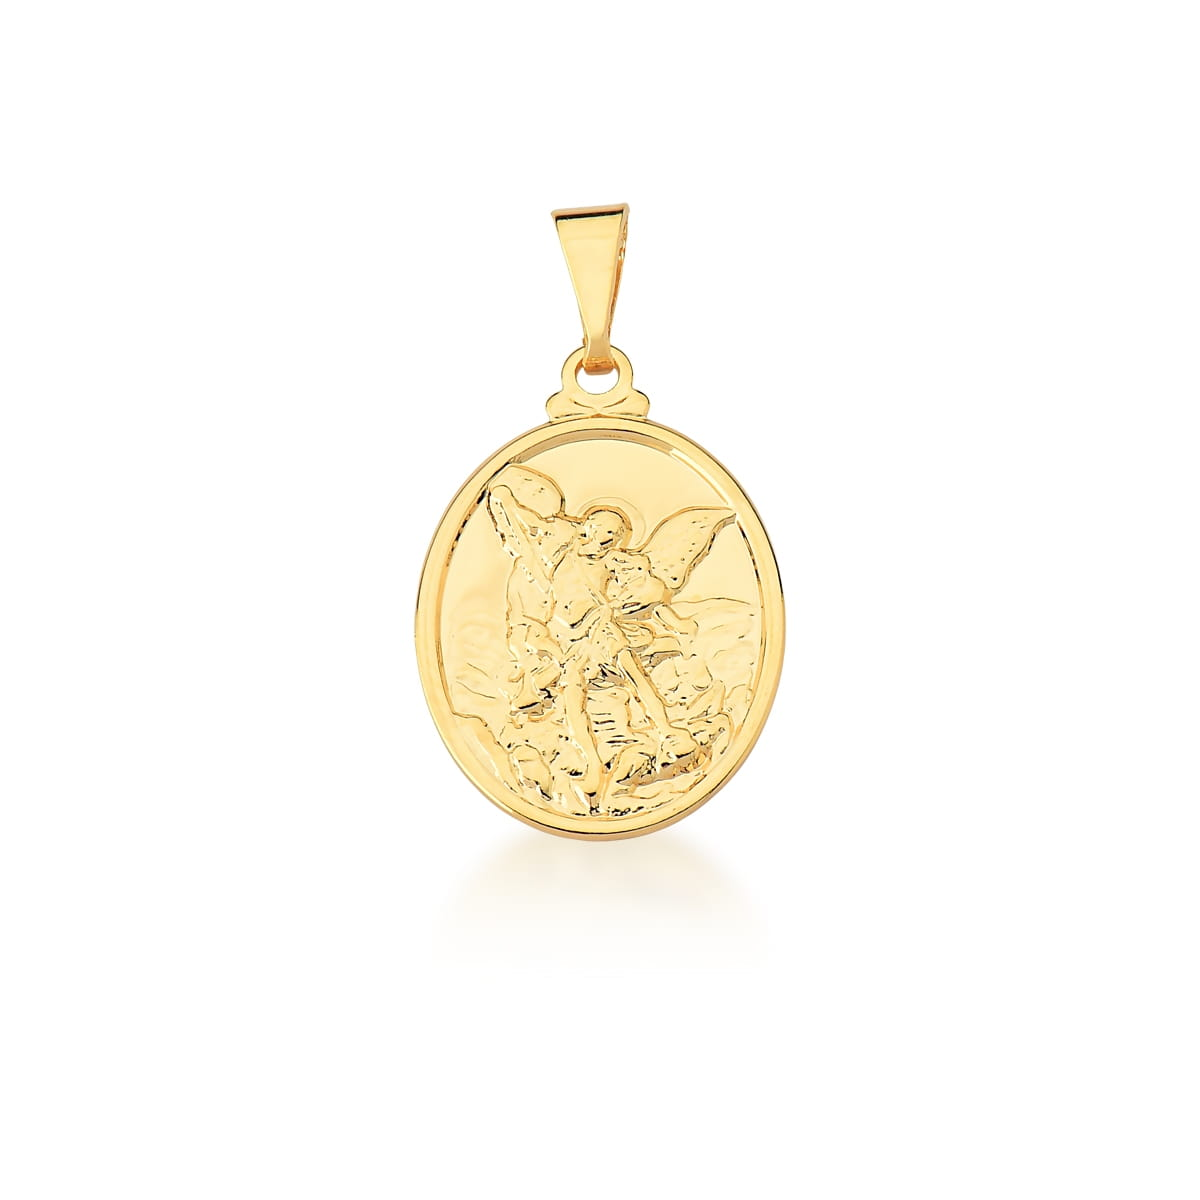 Pingente Oval com Imagem São Miguel Arcanjo Liso Banhado a Ouro